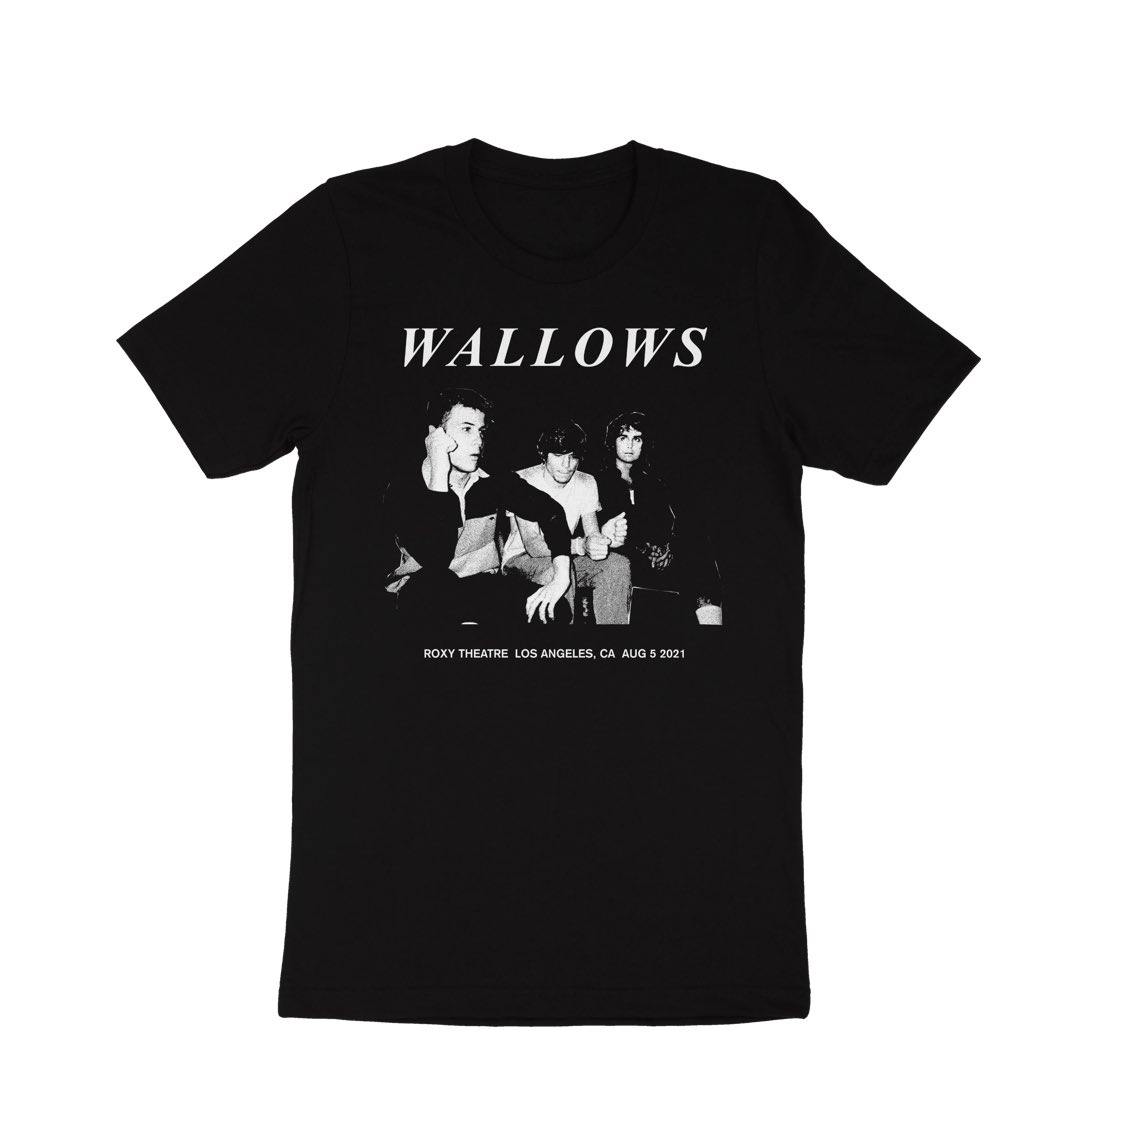 Wallows roxy event shirt shop